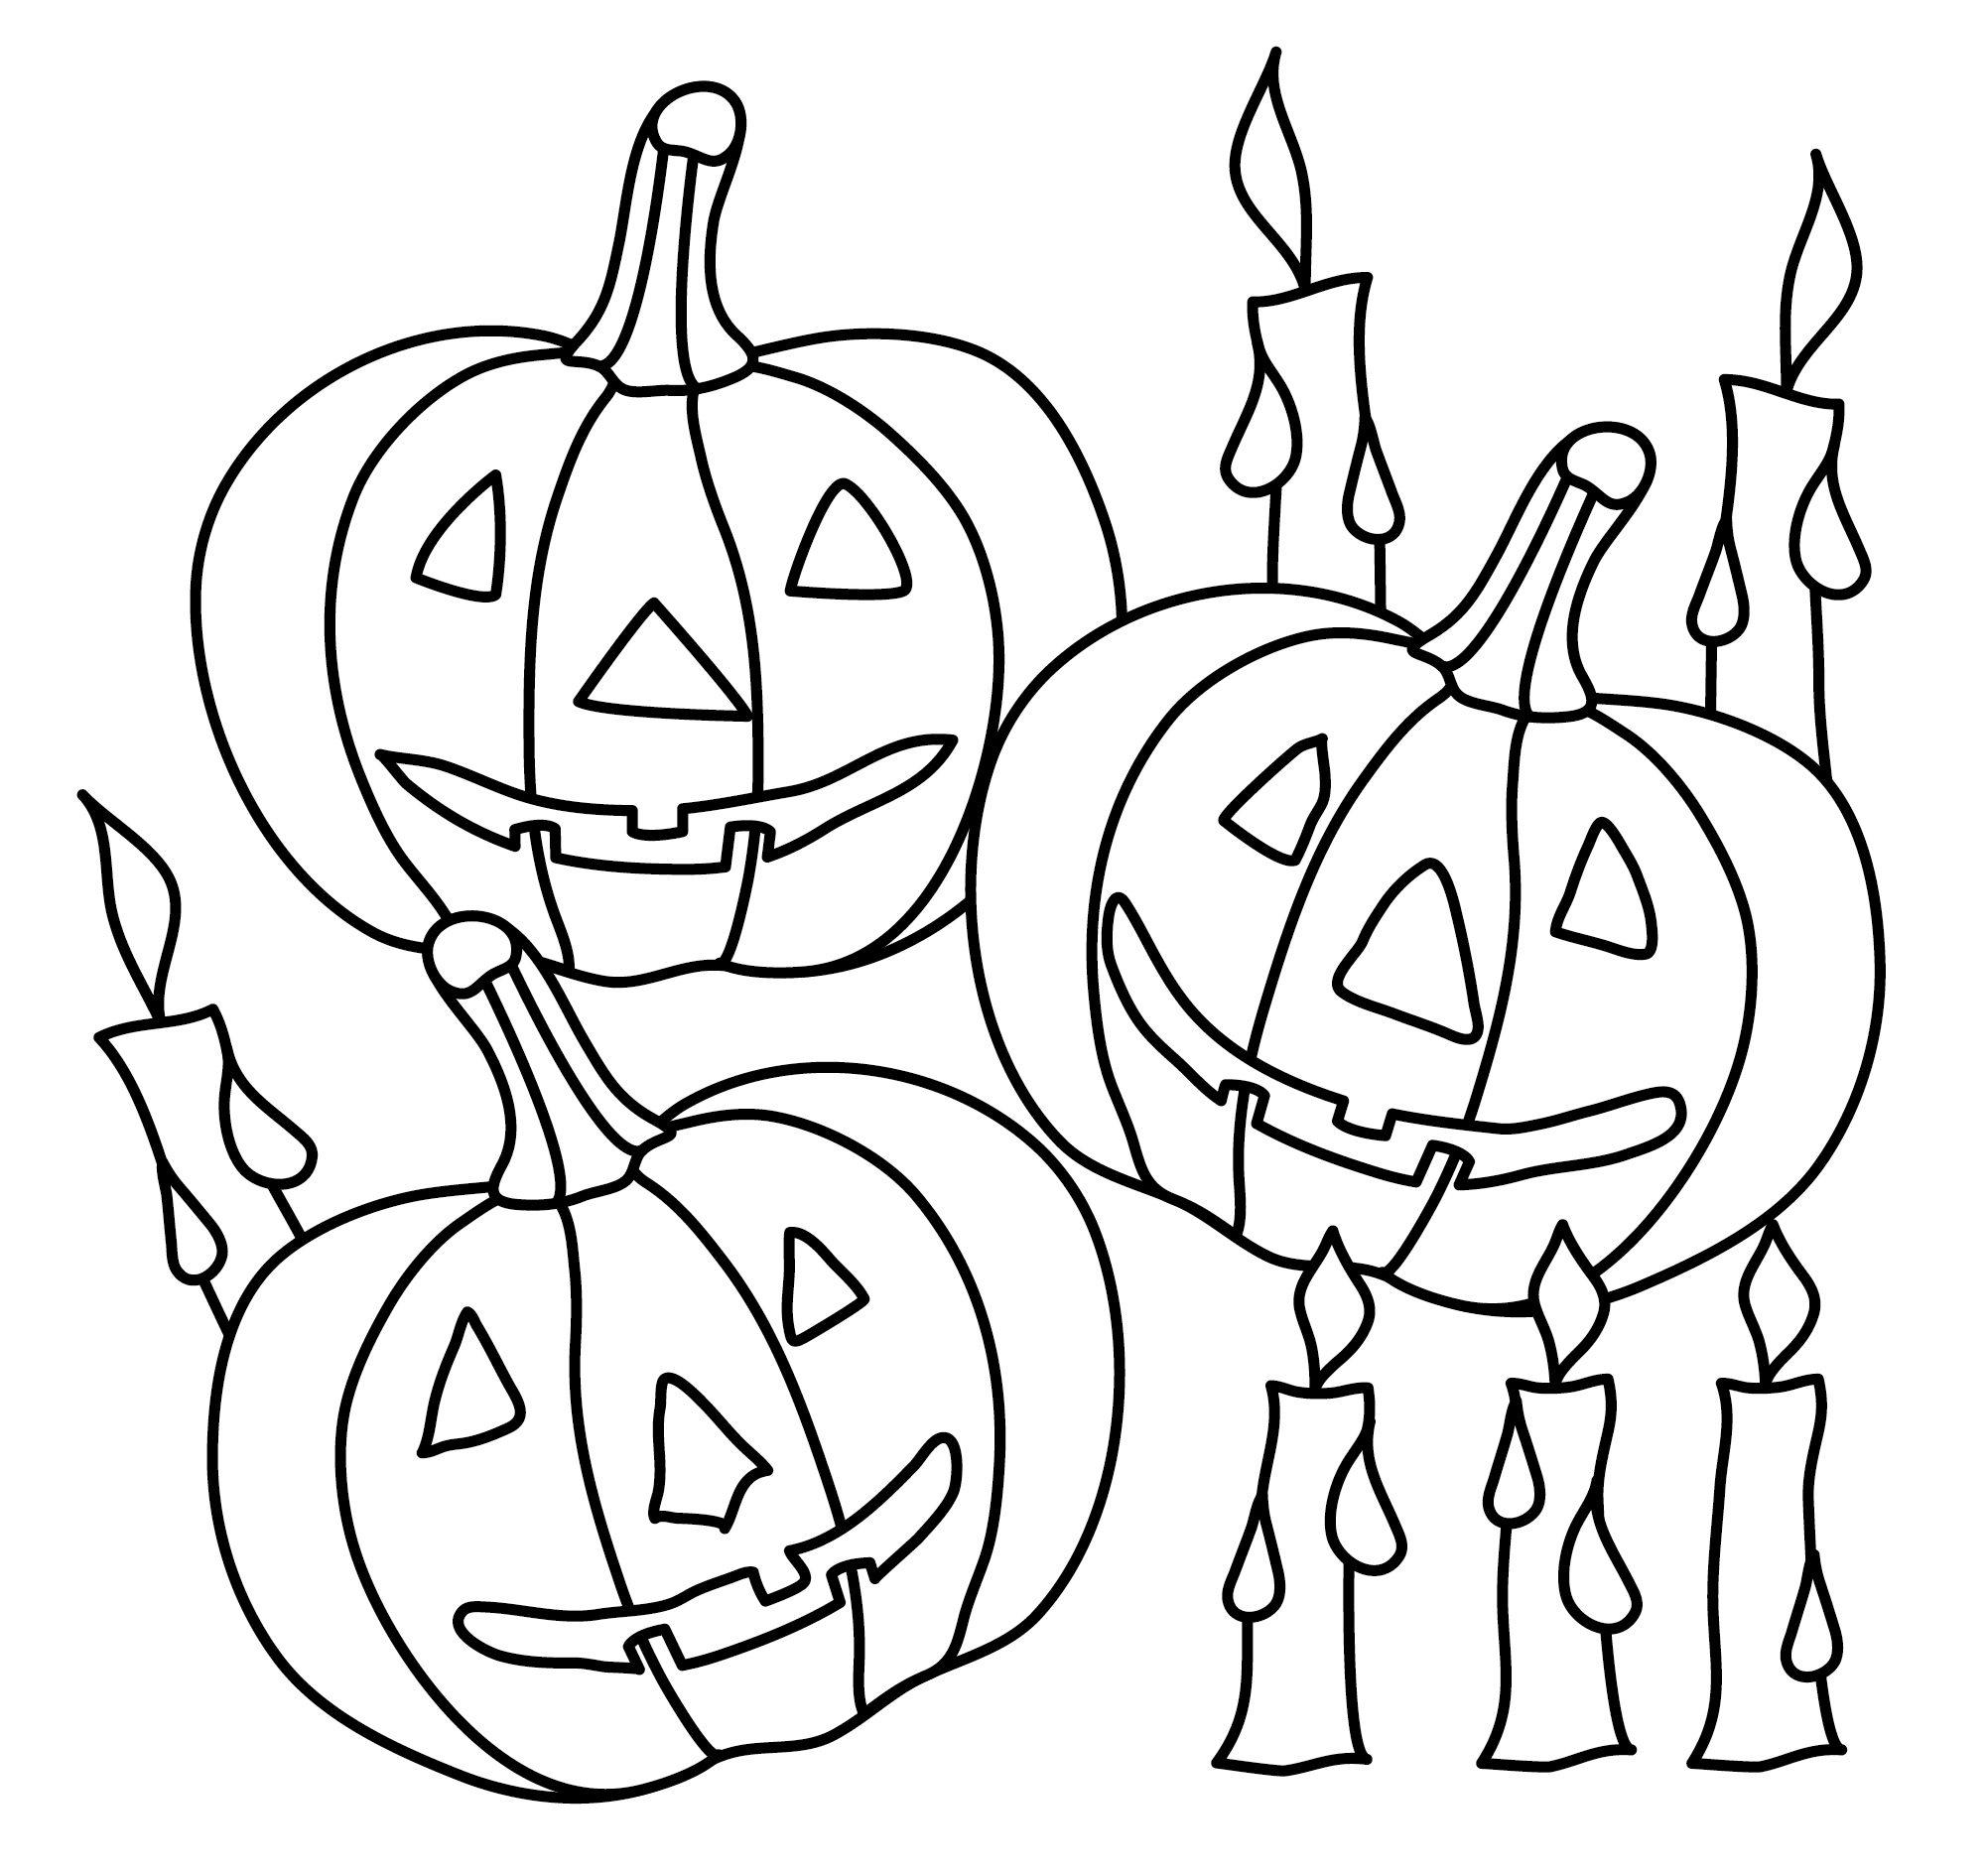 Ausmalbilder Halloween - Halloween Vorlagen Ausdrucken bei Halloween Ausmalbilder Zum Ausdrucken